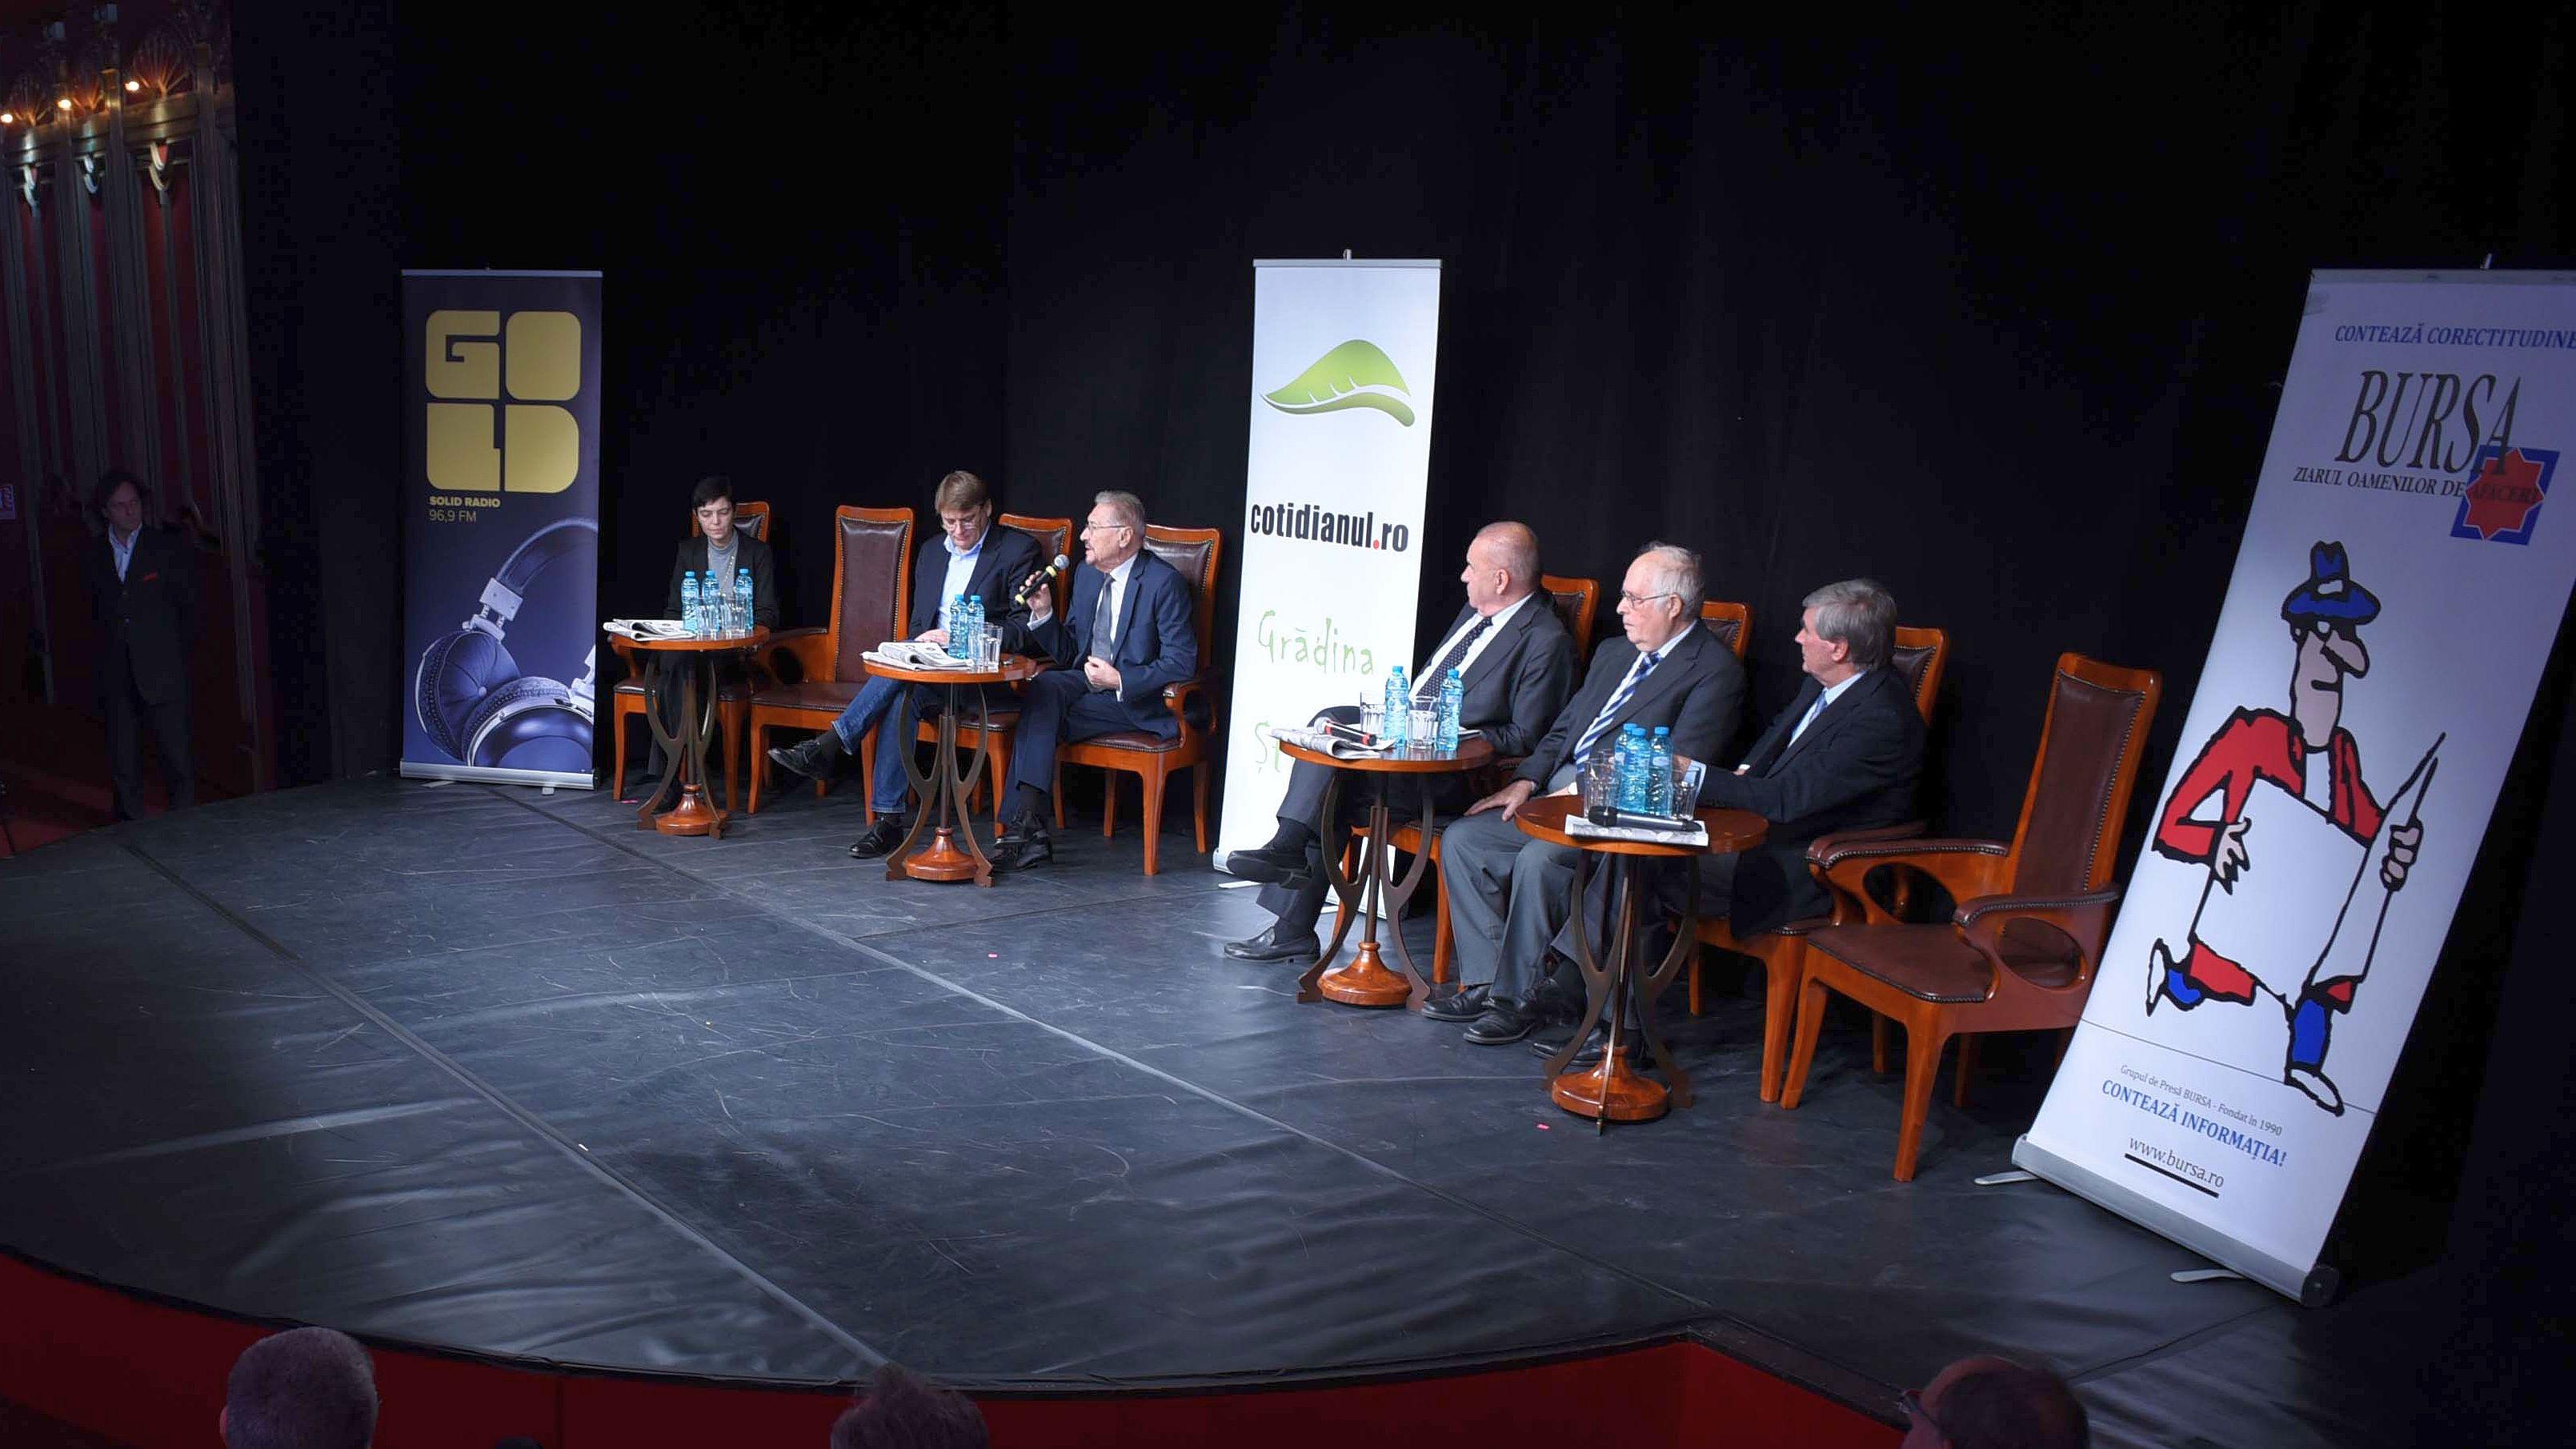 Cotidianul.ro a organizat o dezbatere despre blocajul României şi reconcilierea naţională